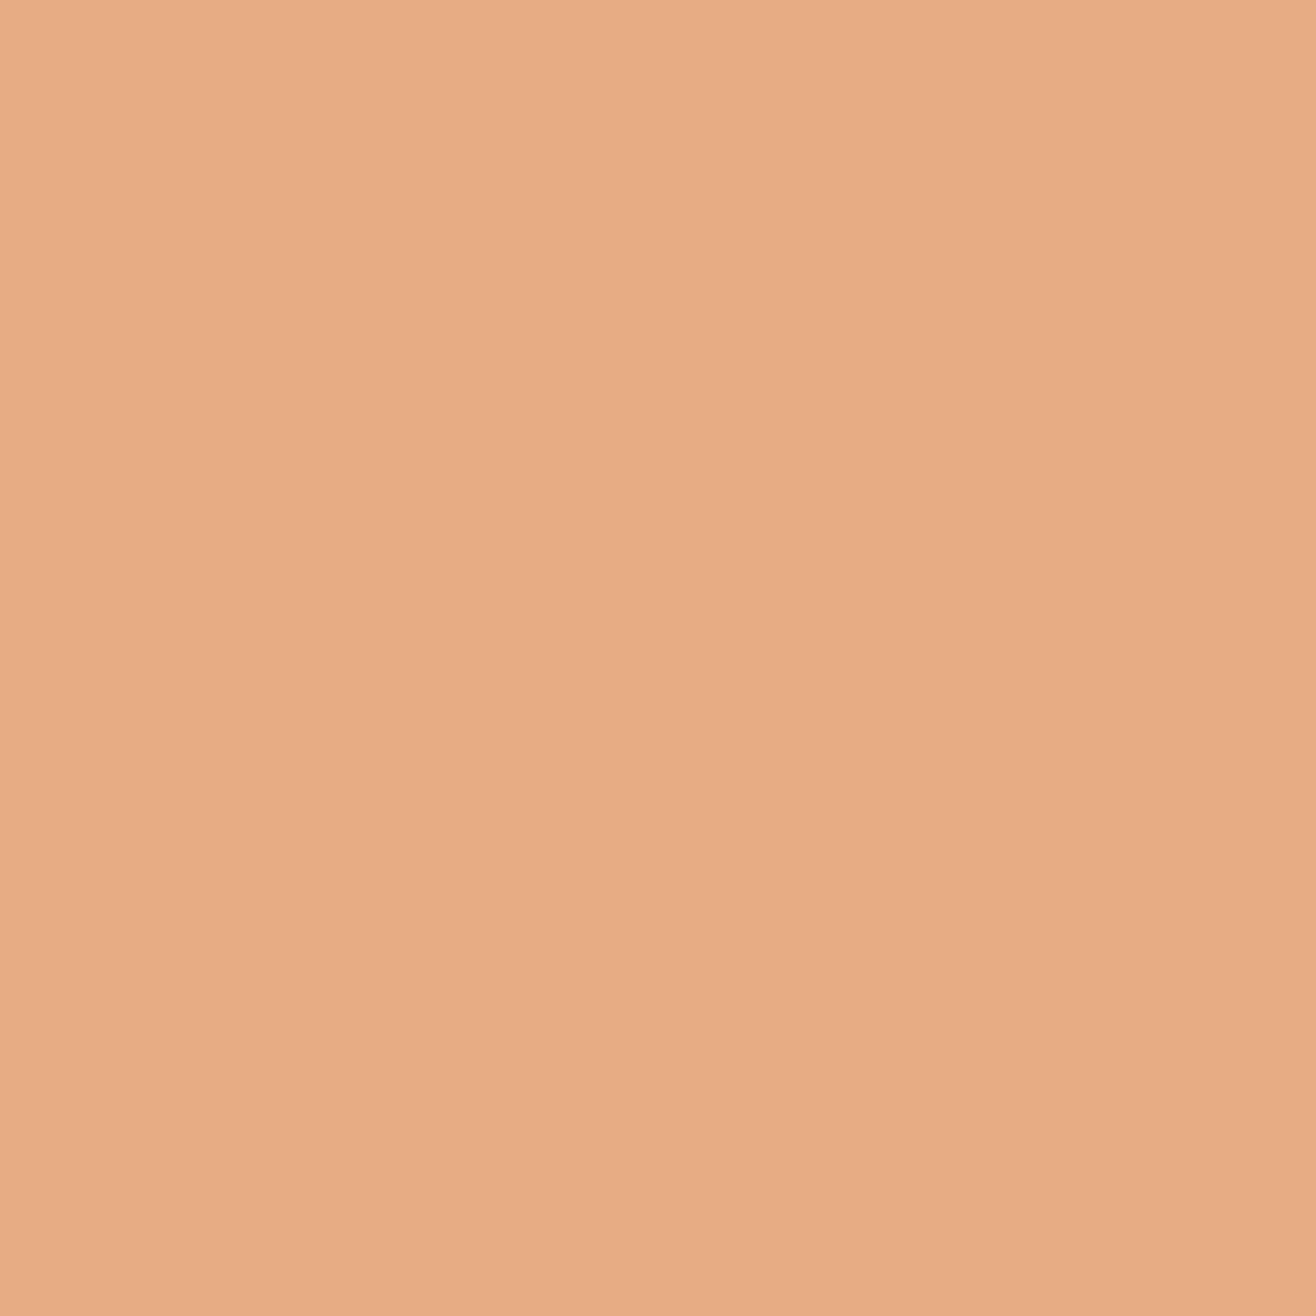 凝視便宜憎しみSANMIMORE(サンミモレ化粧品) UVパクト 56号ライトピンク (レフィル 替パフ付)